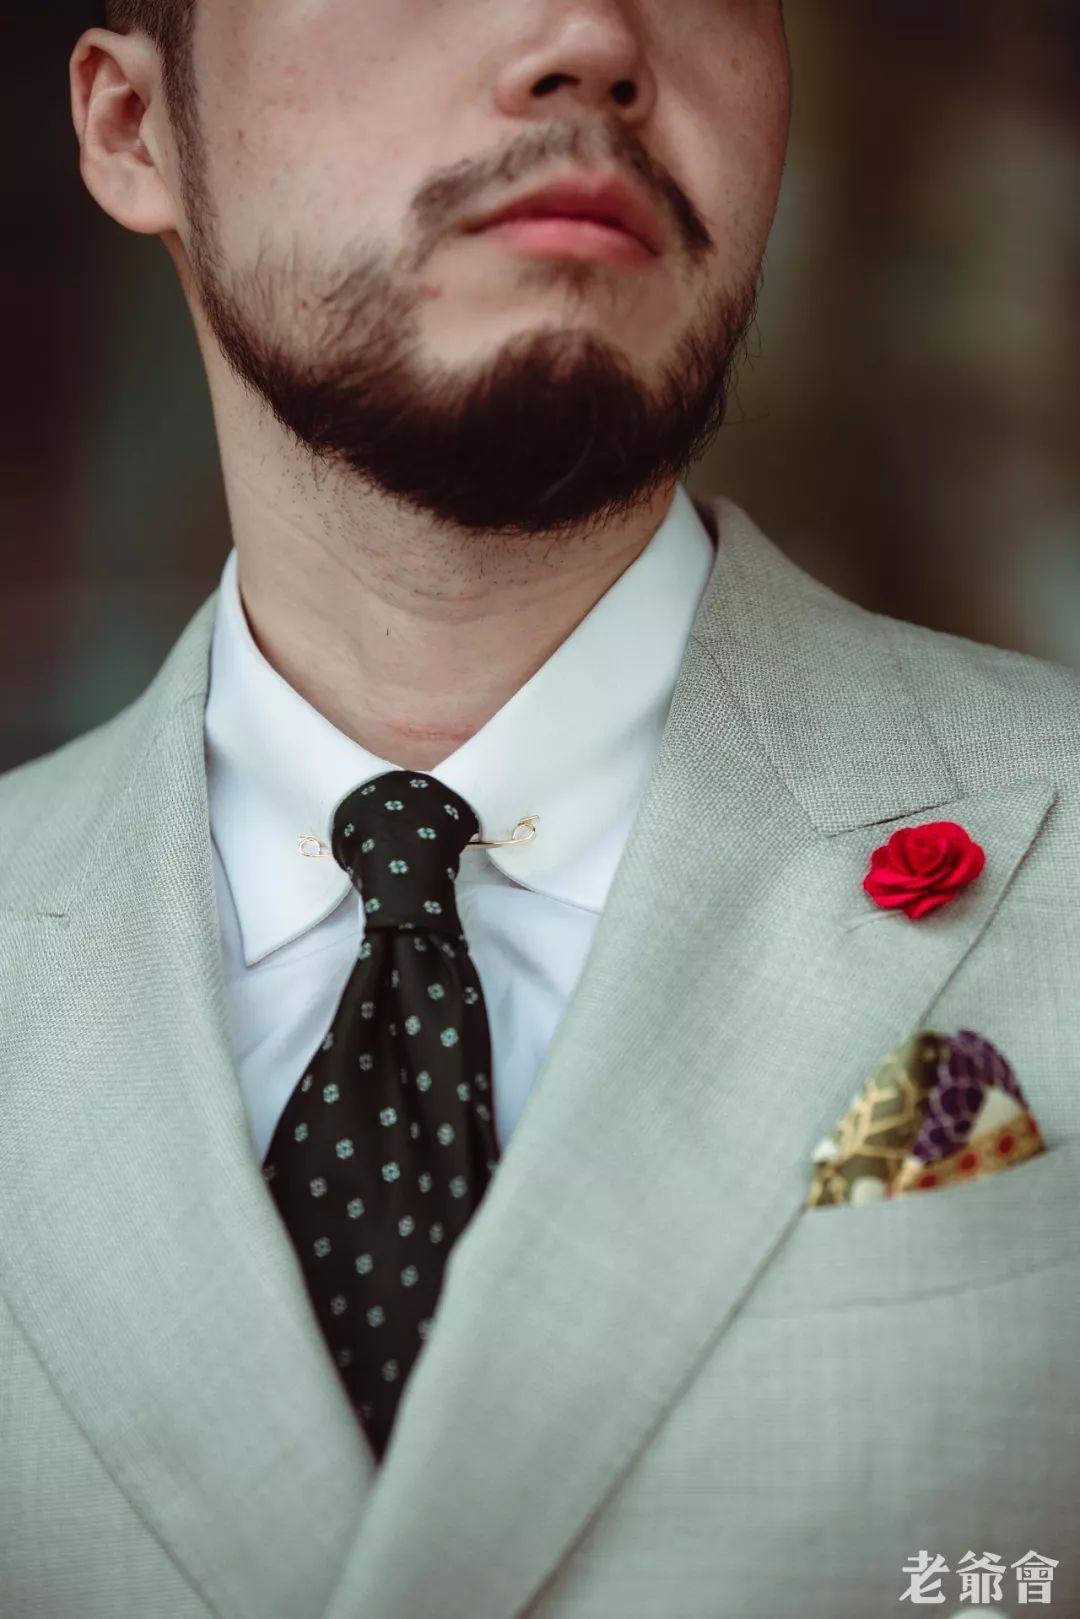 成熟男人应该知道的12个穿衣法则丨绅装老爷会